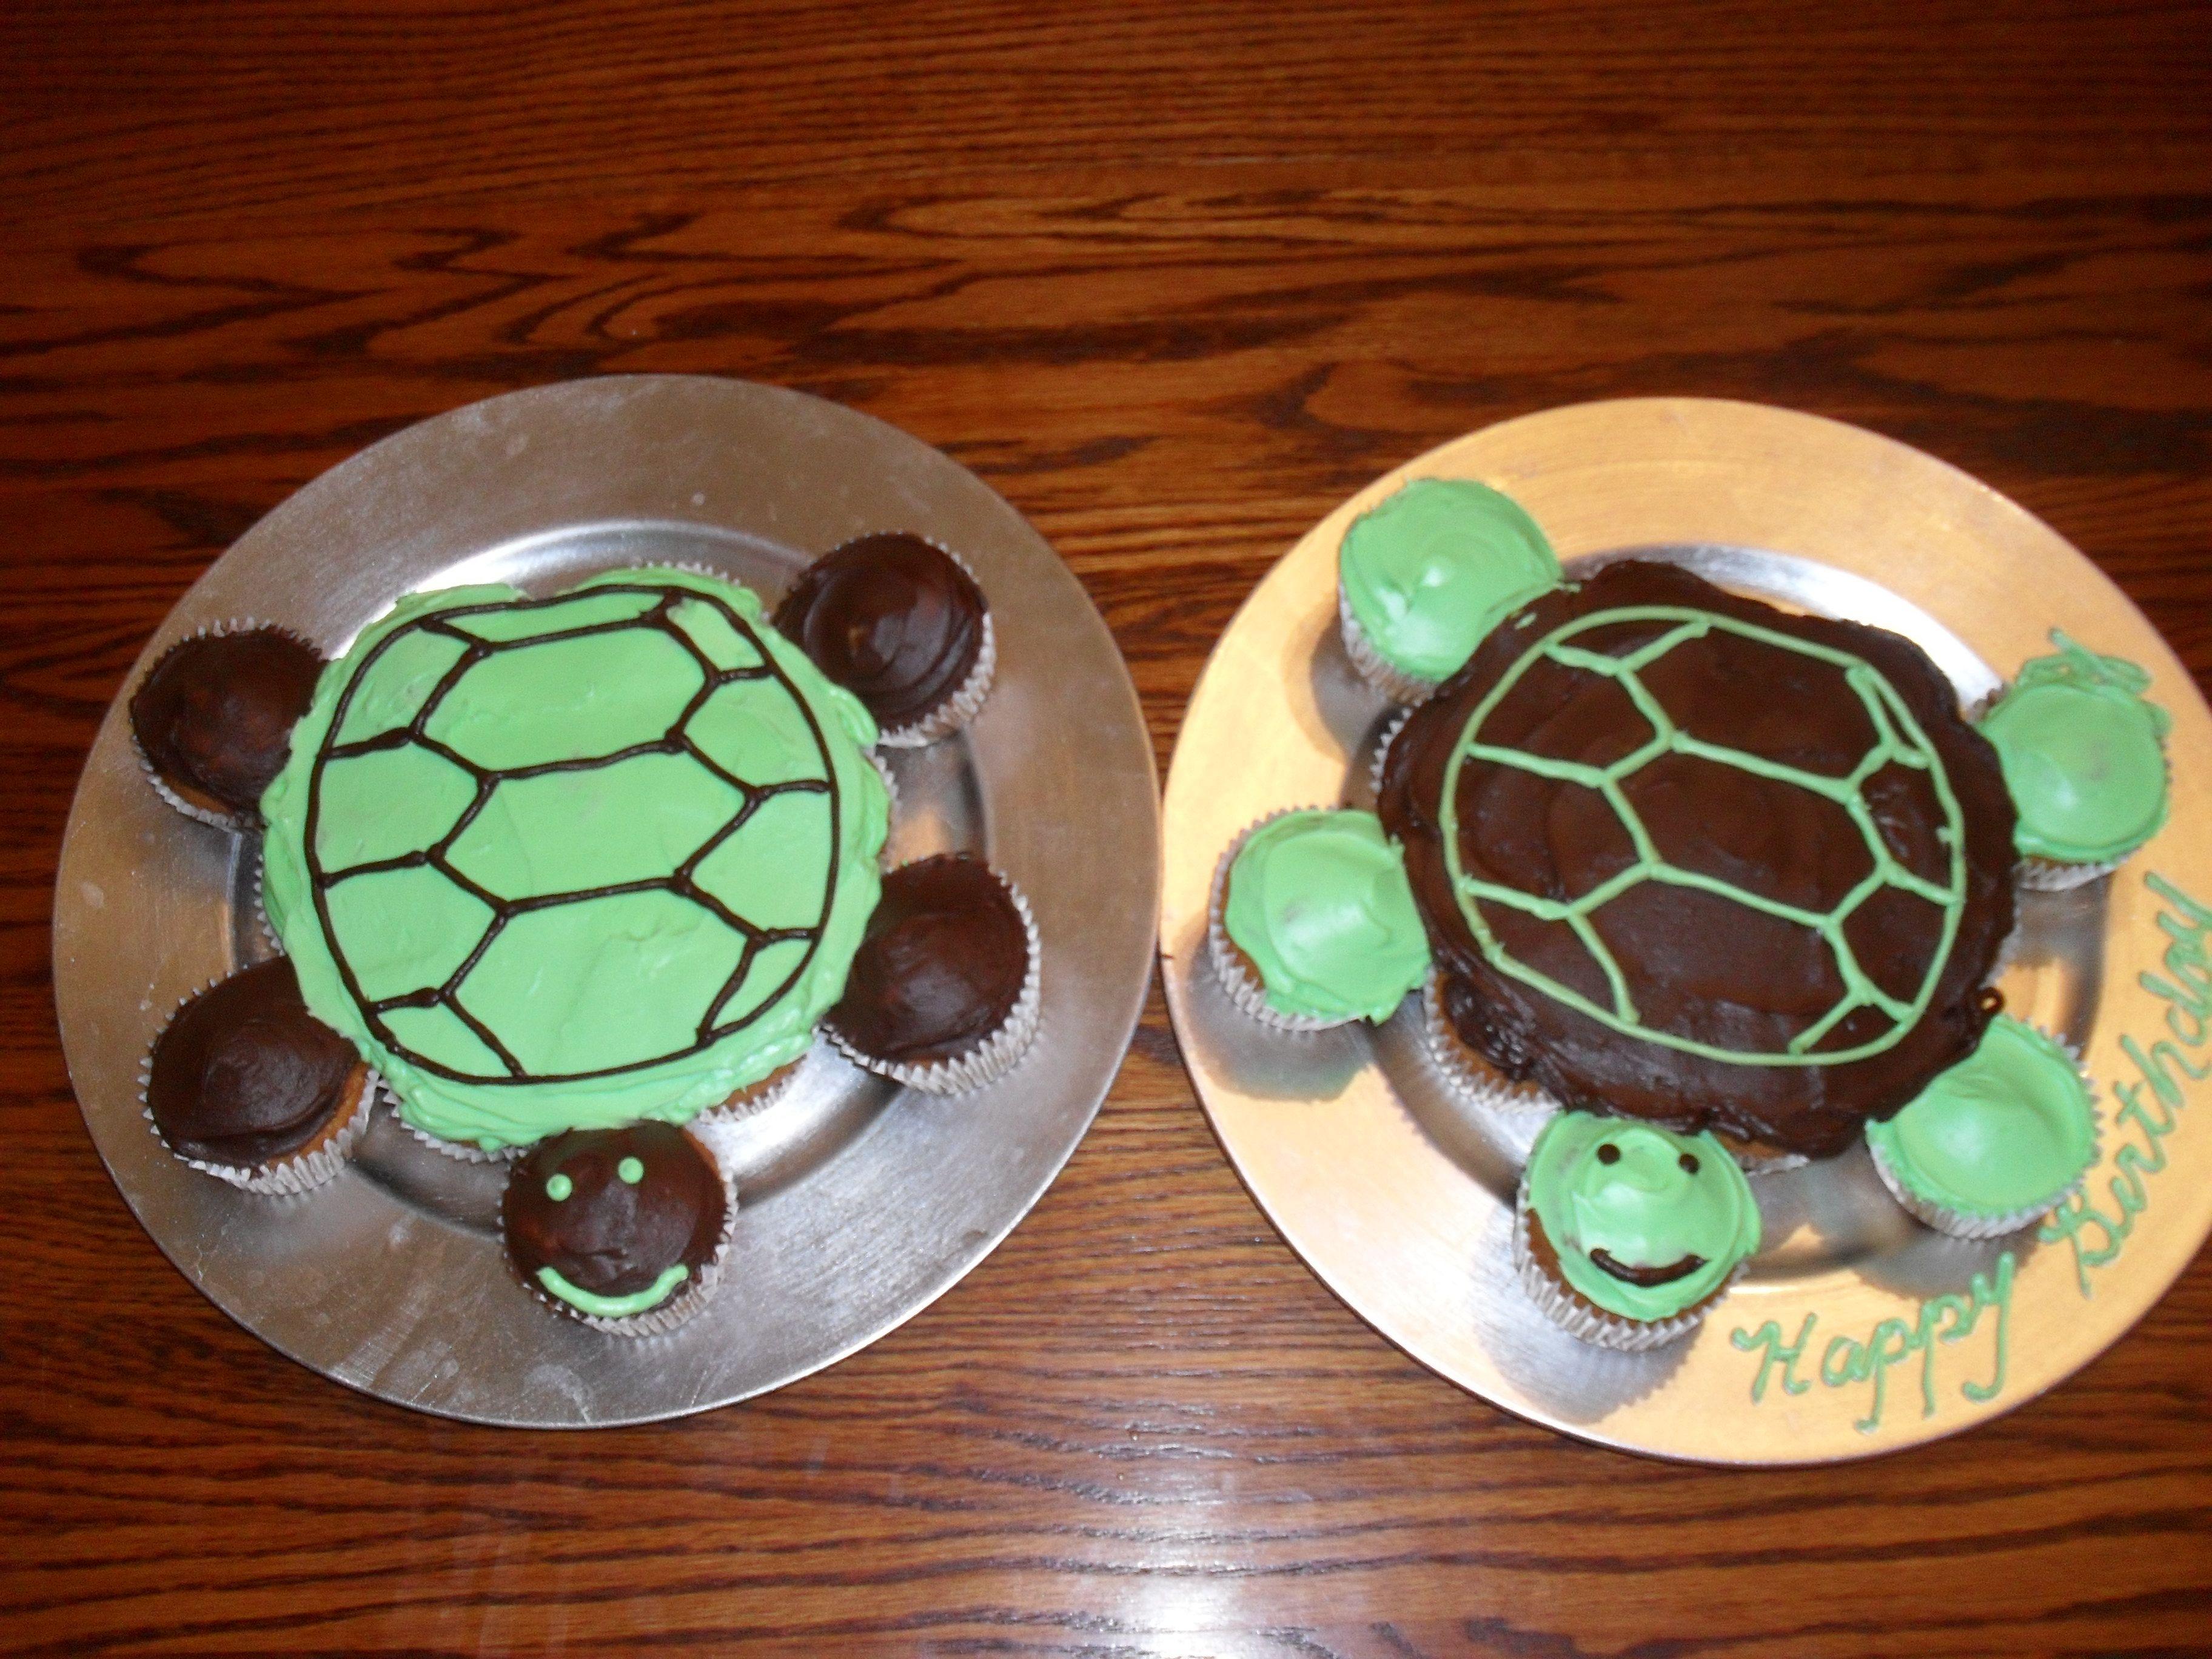 How To Make A Cupcake Shaped Cake